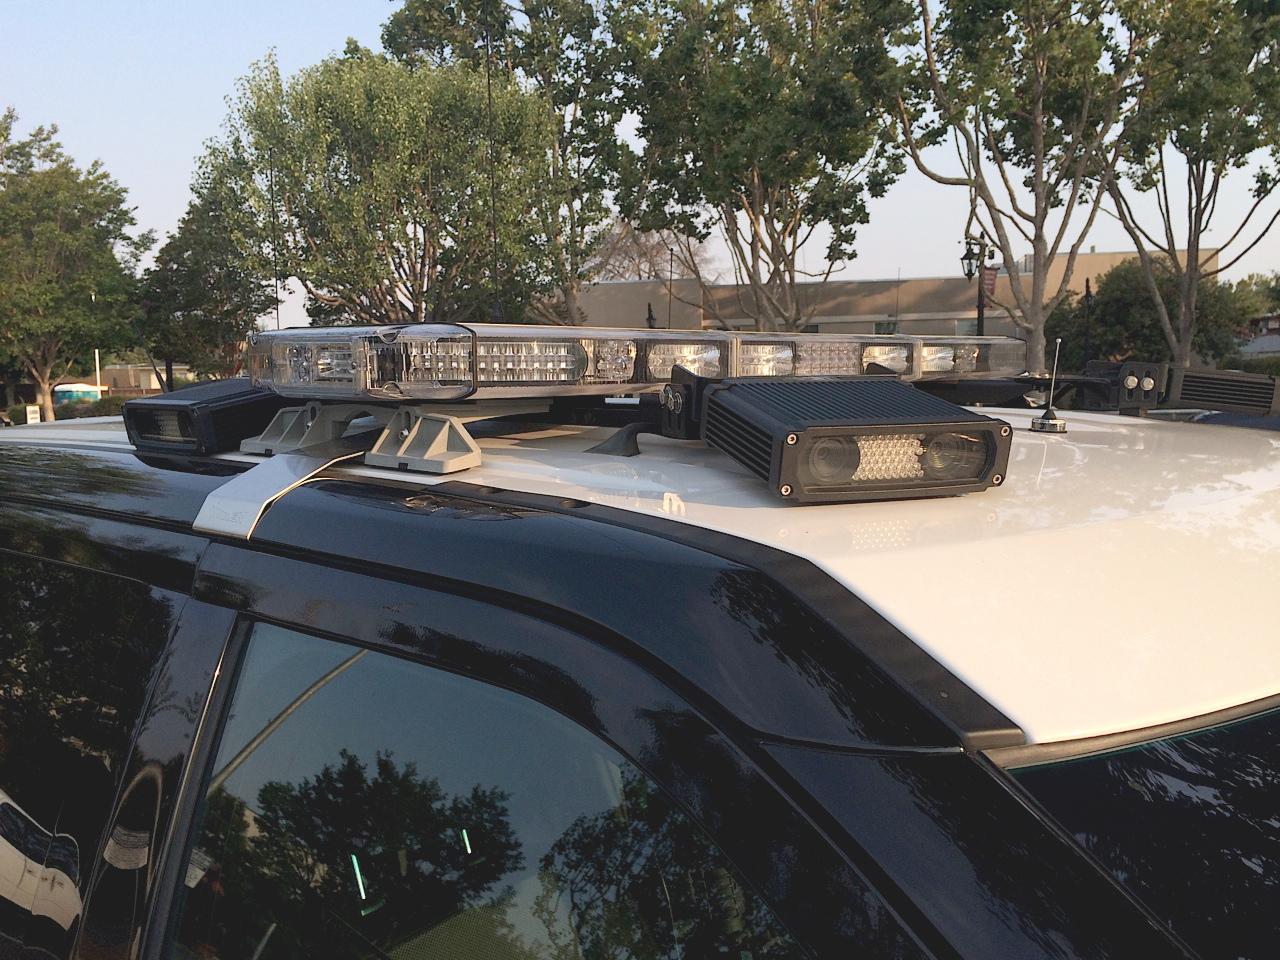 ALPR atop a police vehicle